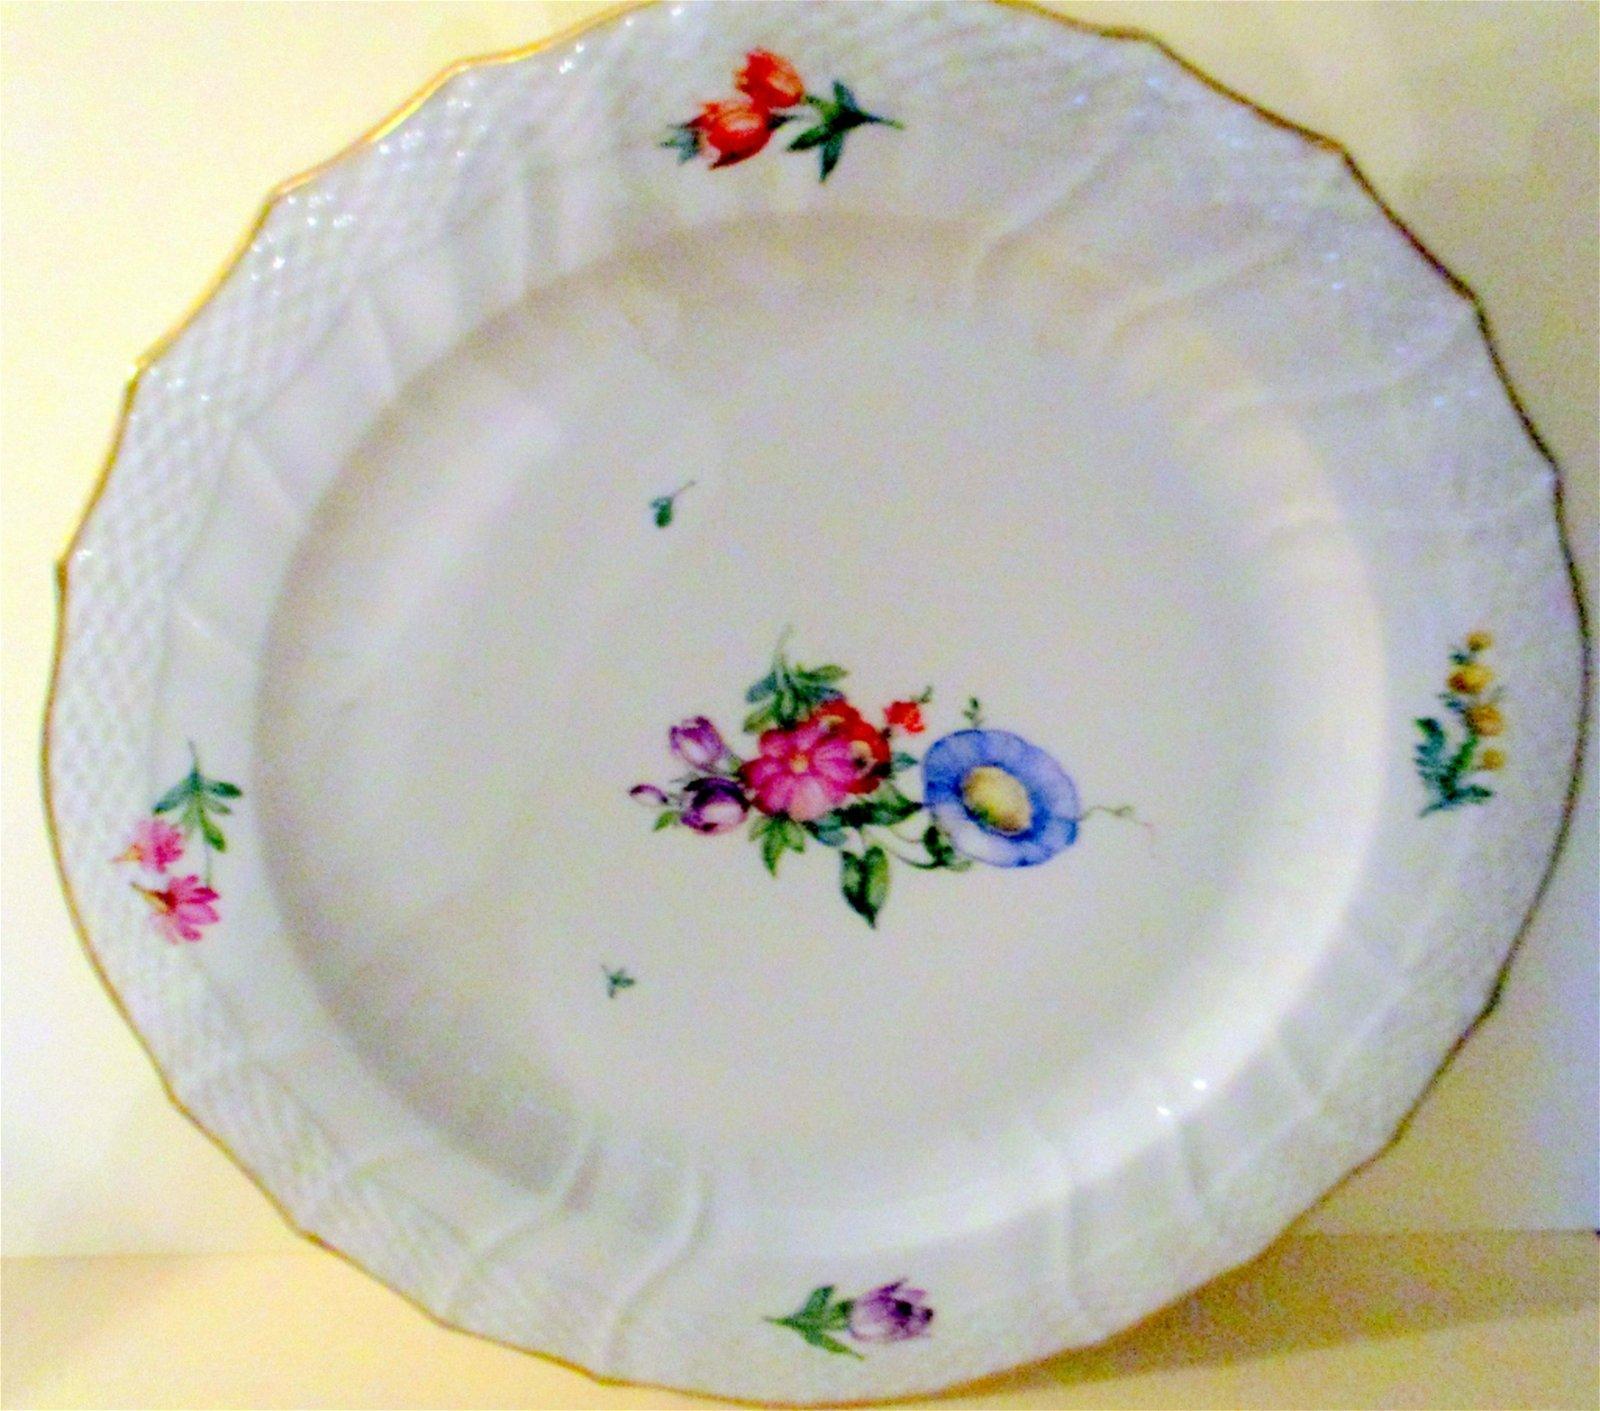 Royal Copenhagen Round Porcelain Cake Platter